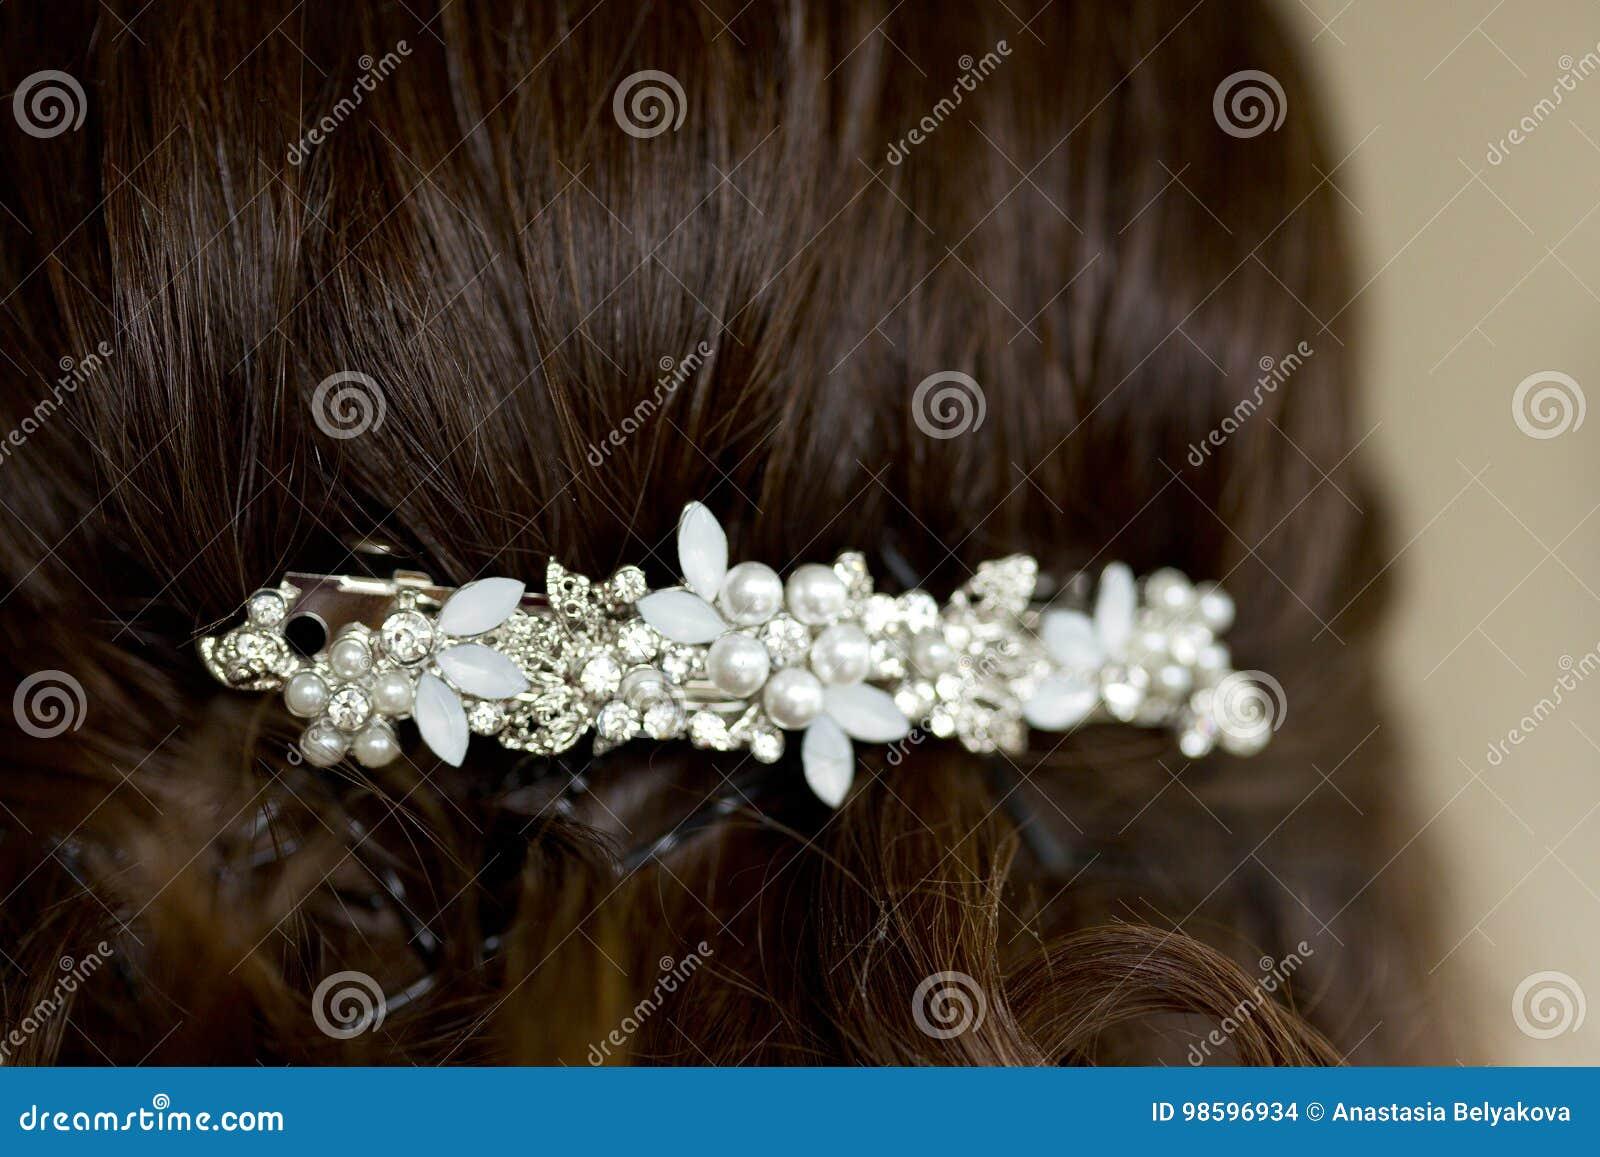 Menina Ou Mulher Com Cabelo Escuro Com Penteado Do Casamento Do Prendedor De Cabelo Com Cristais